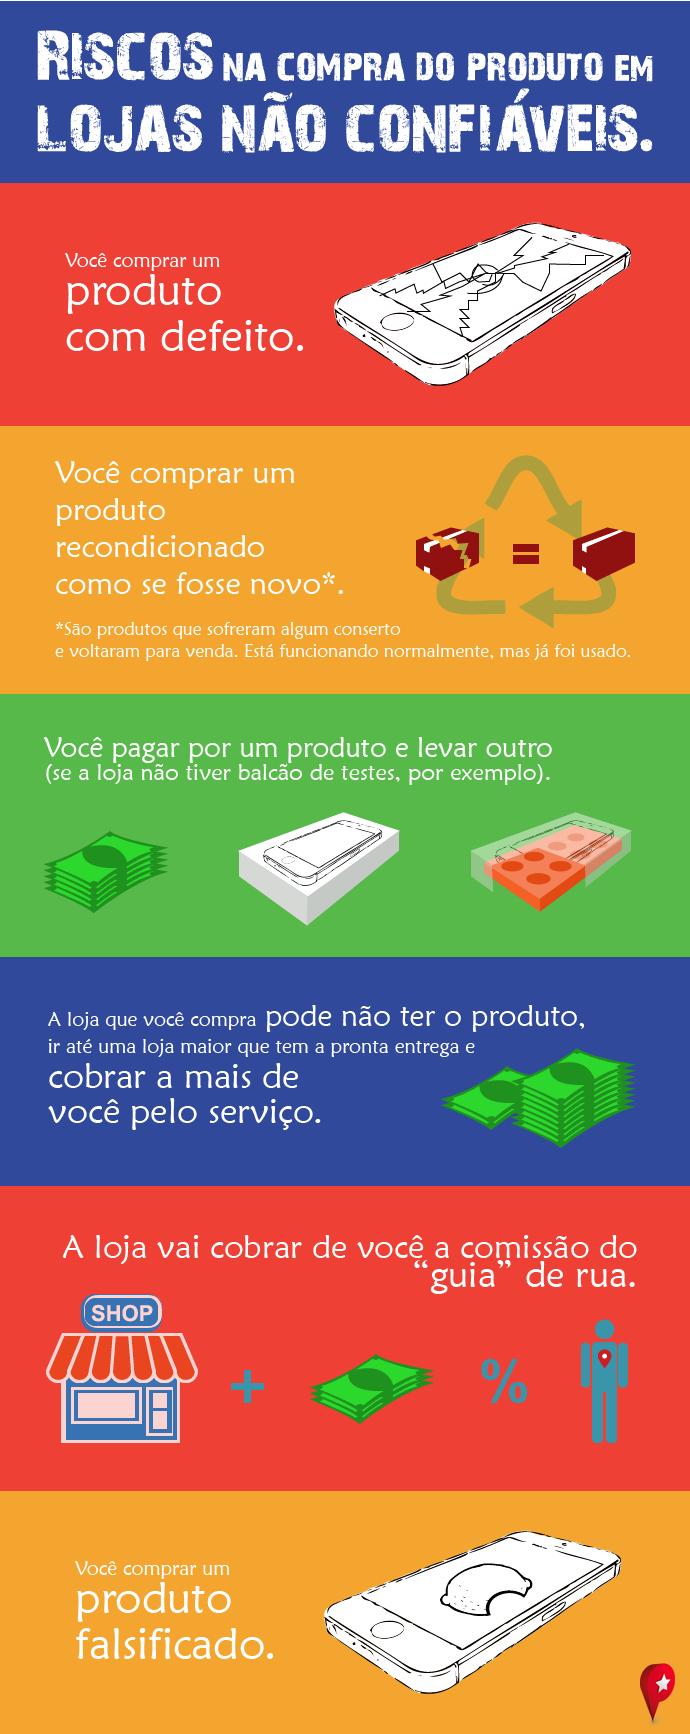 infografico-riscos-em-comprar-em-lojas-nao-confiaveis-no-paraguai_versao-final